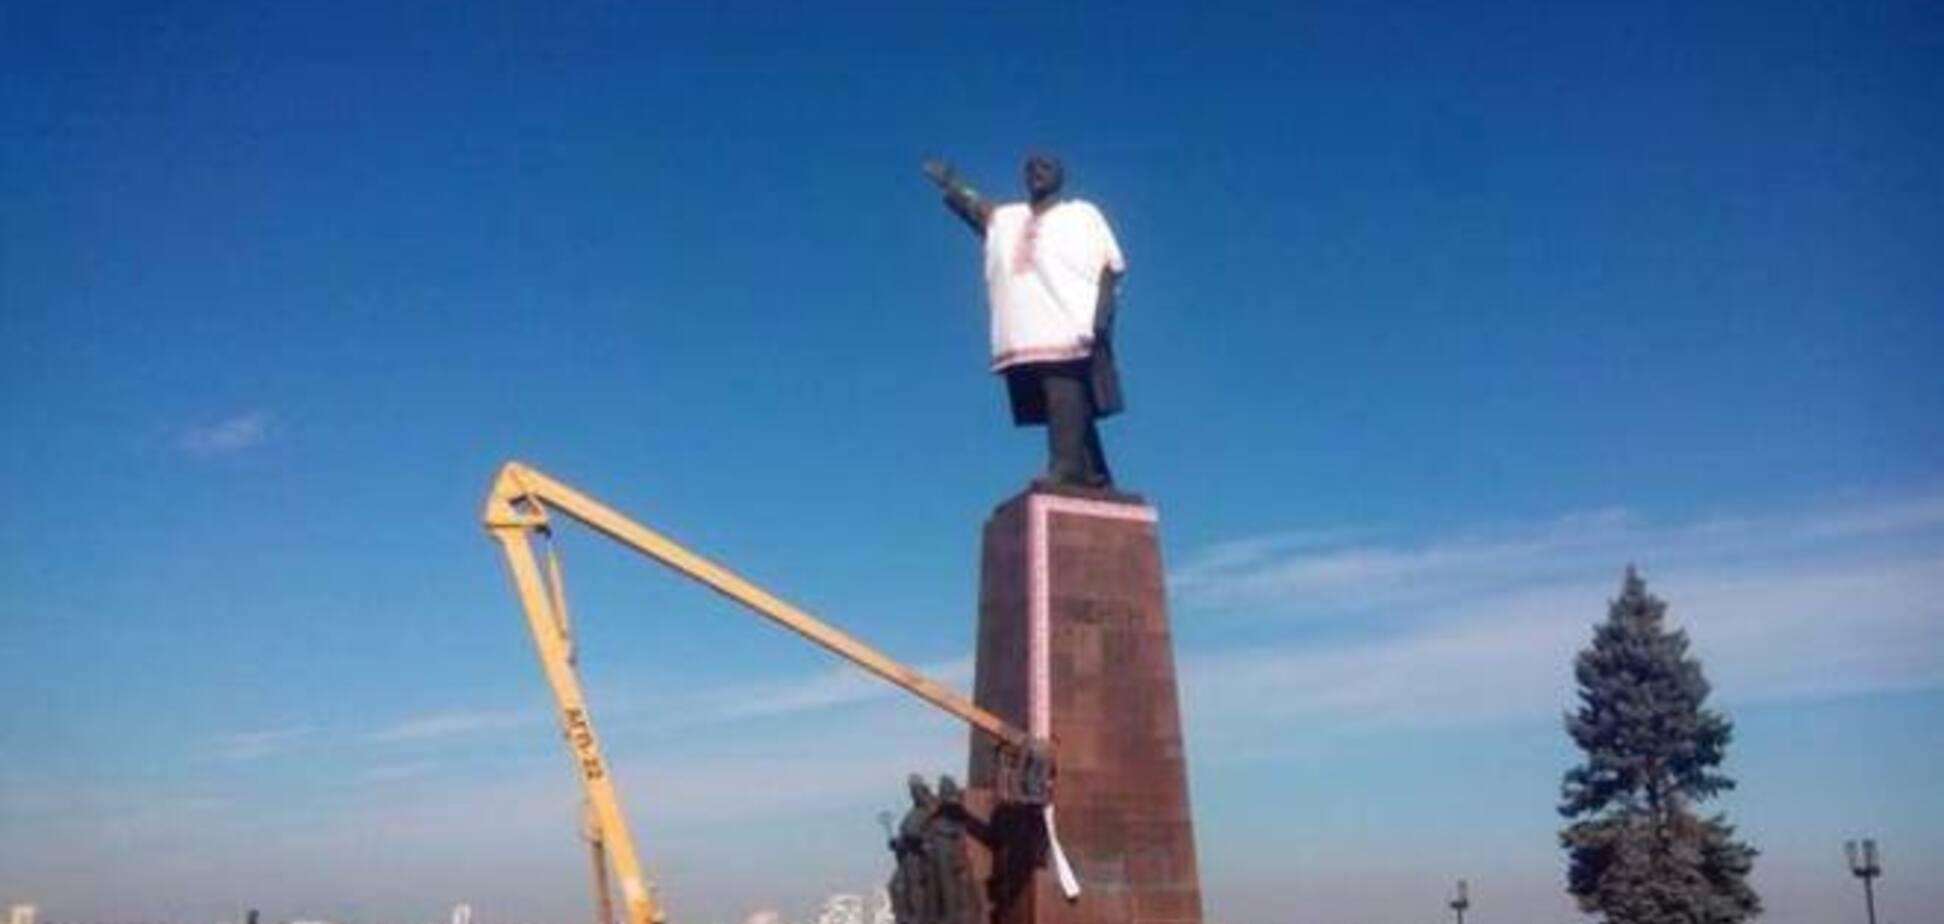 В Запорожье Ленин 'нарядился' в вышиванку, а в Харькове 'превратился' в крест